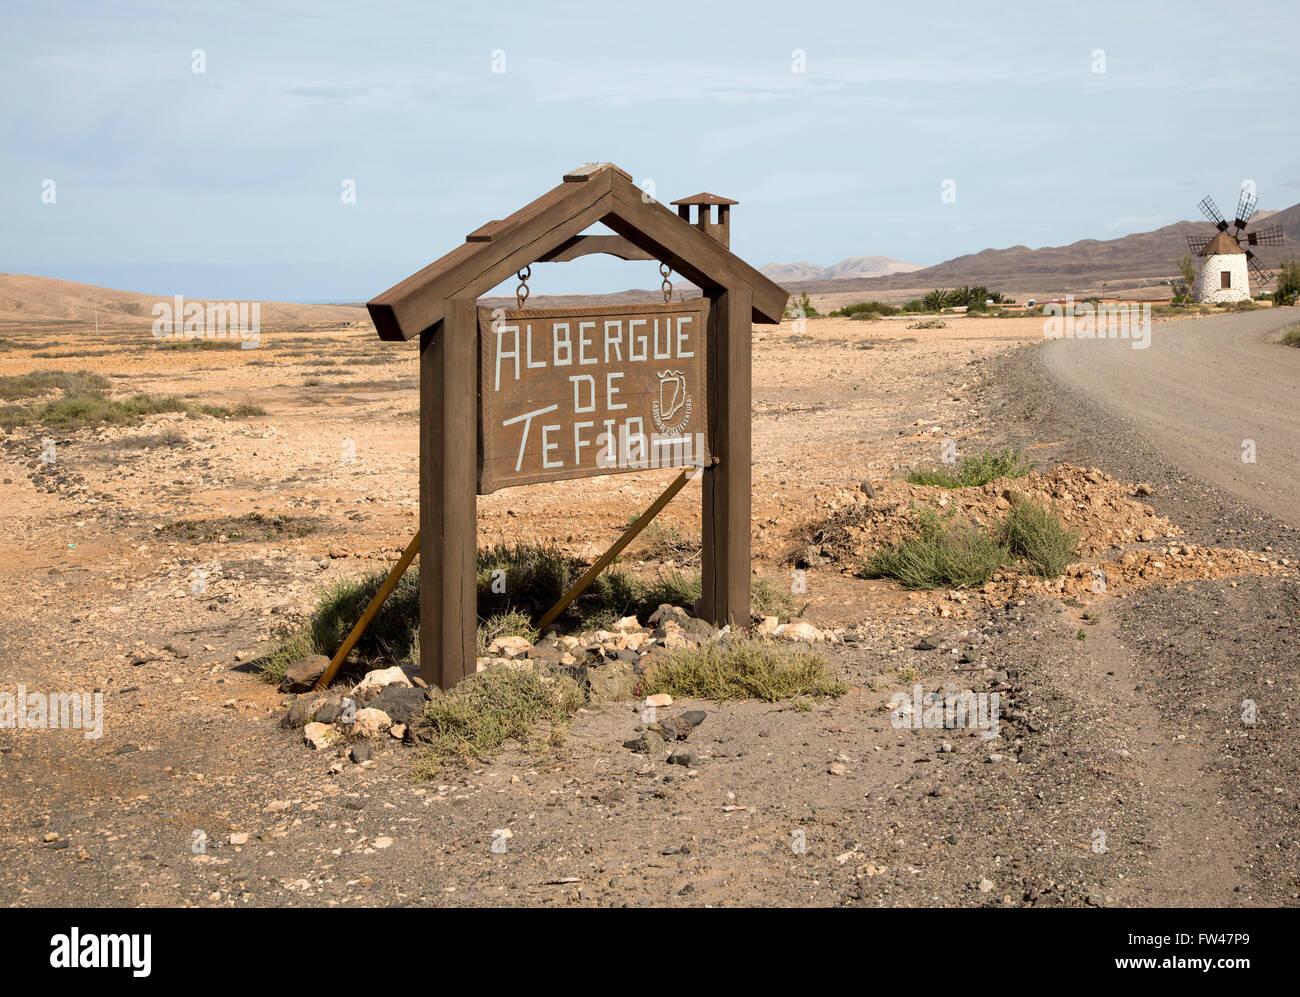 Melden Sie für Albergue de Tefia, Fuerteventura, Kanarische Inseln, Spanien Stockbild